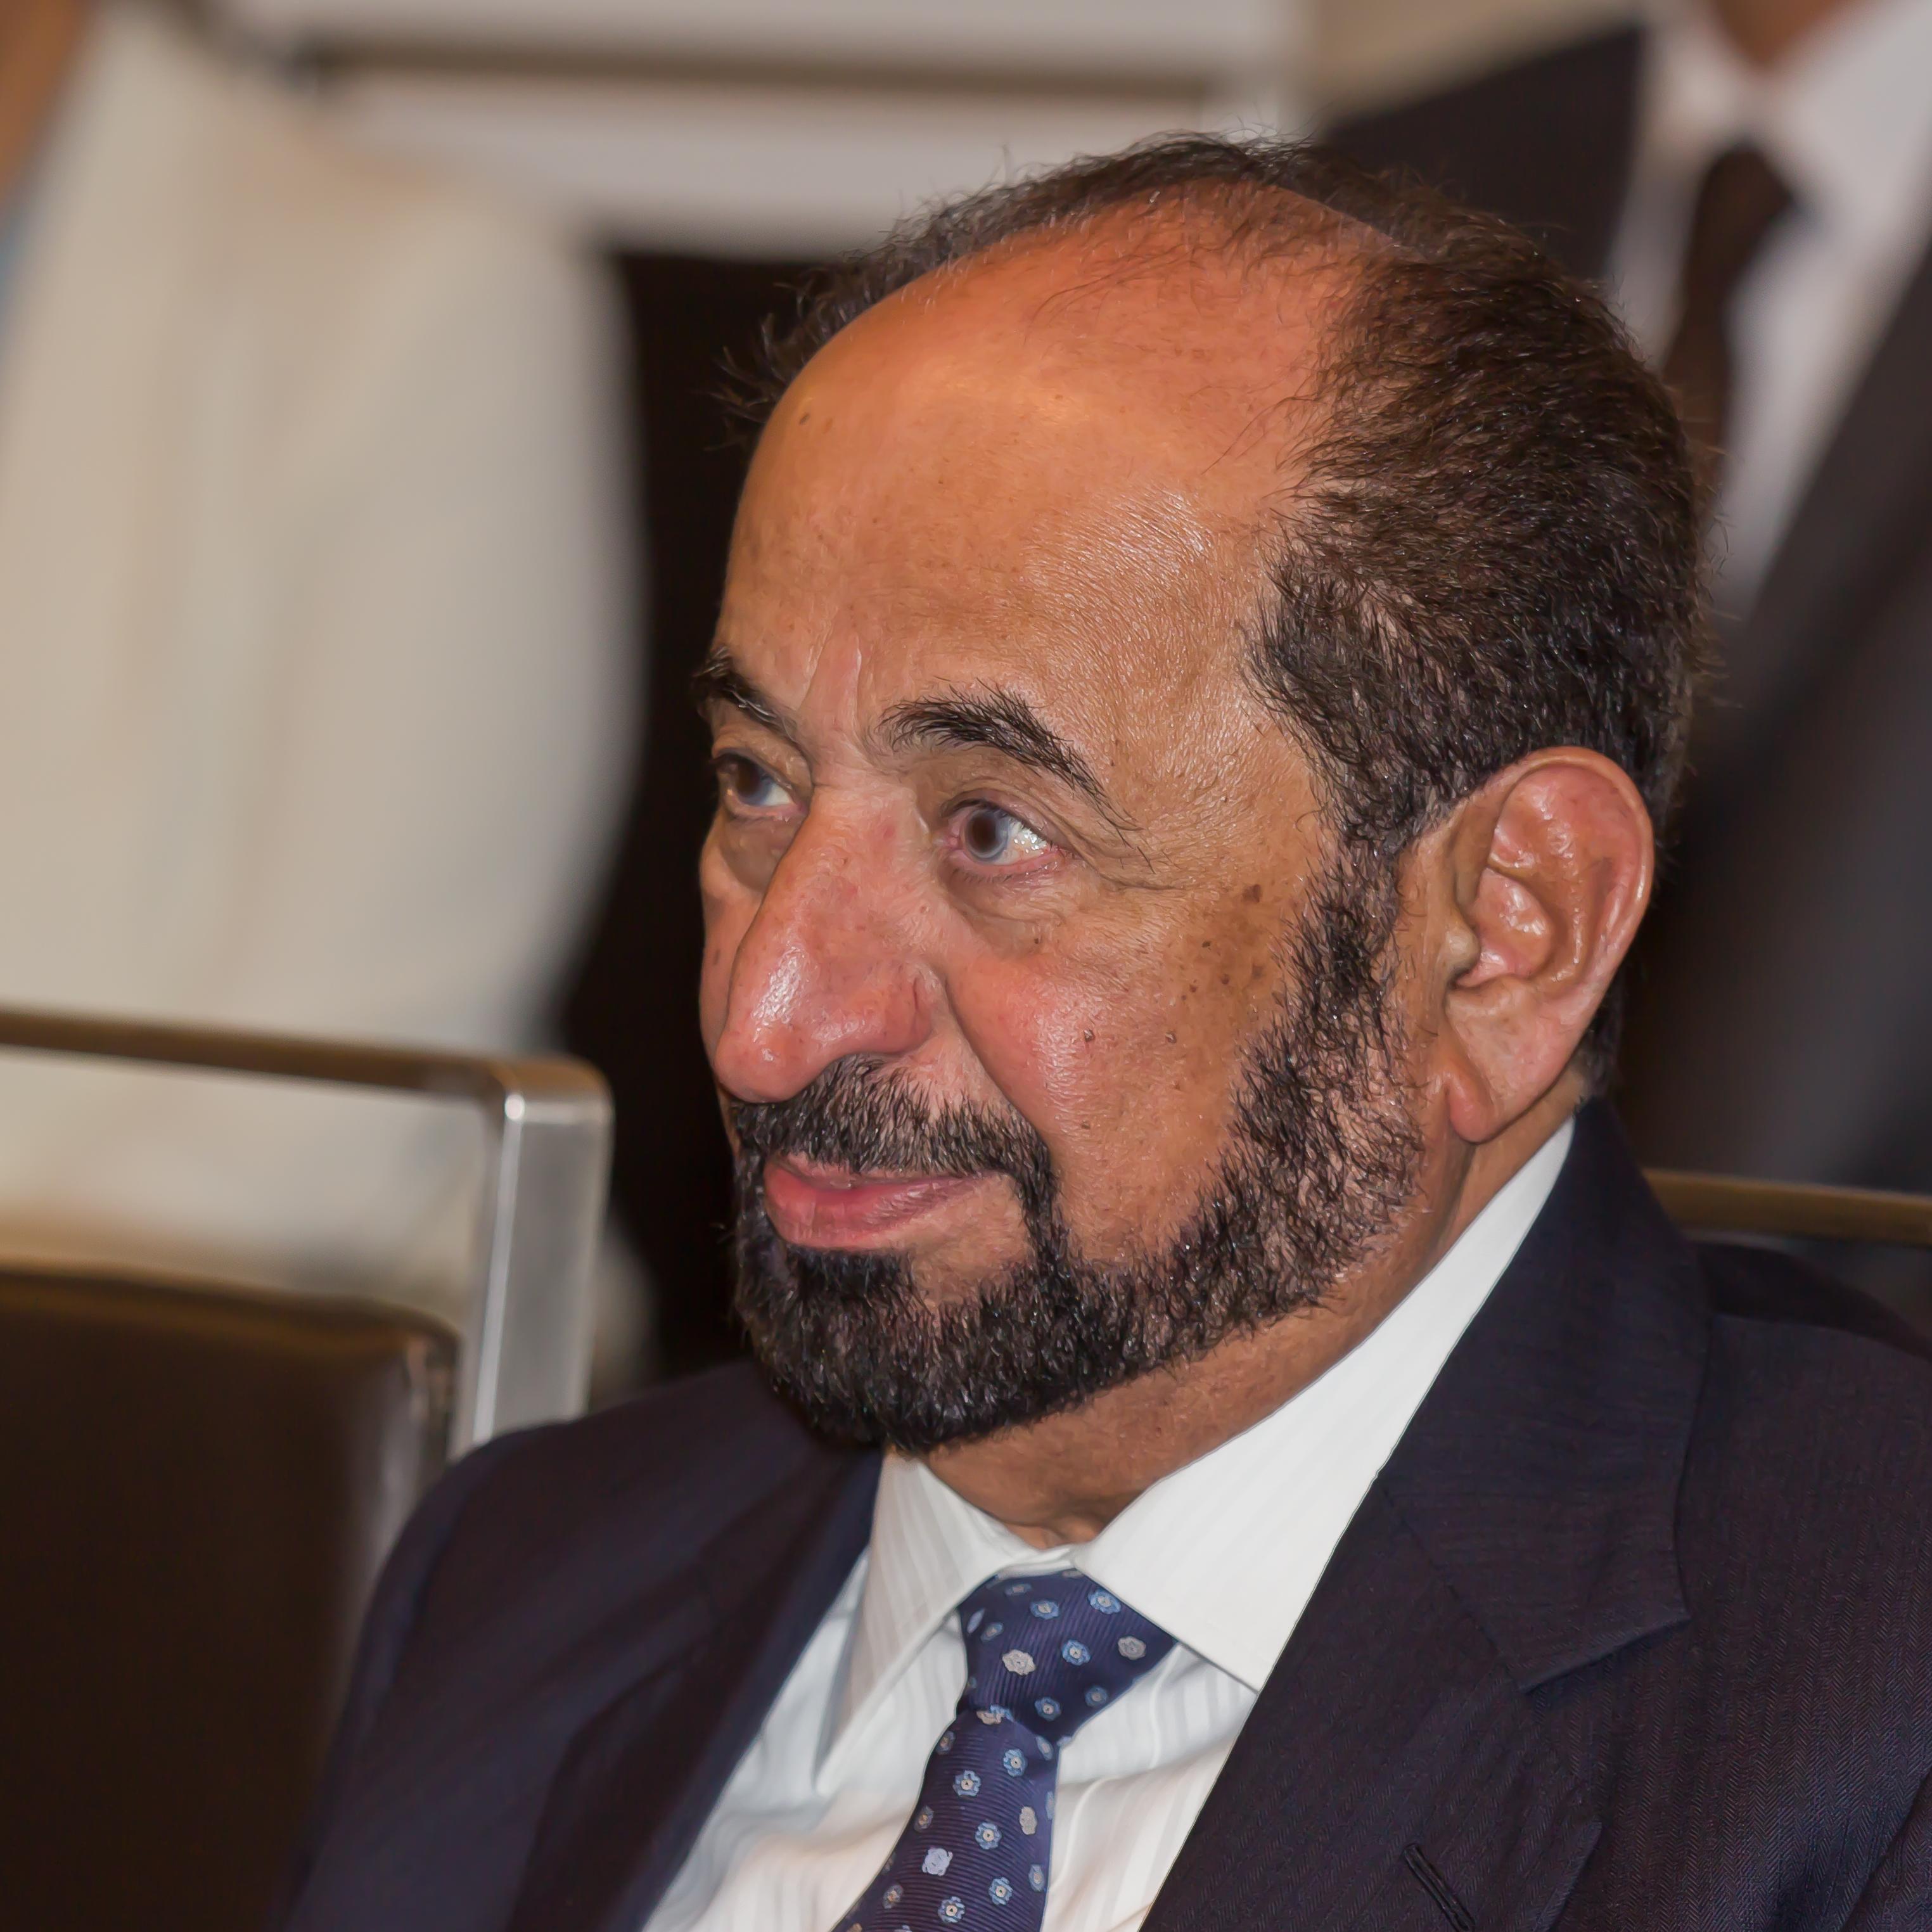 Photo de sheikh Sultan III bin Mohammed Al-Qasimi, souverain de l'émirat de Sharjah